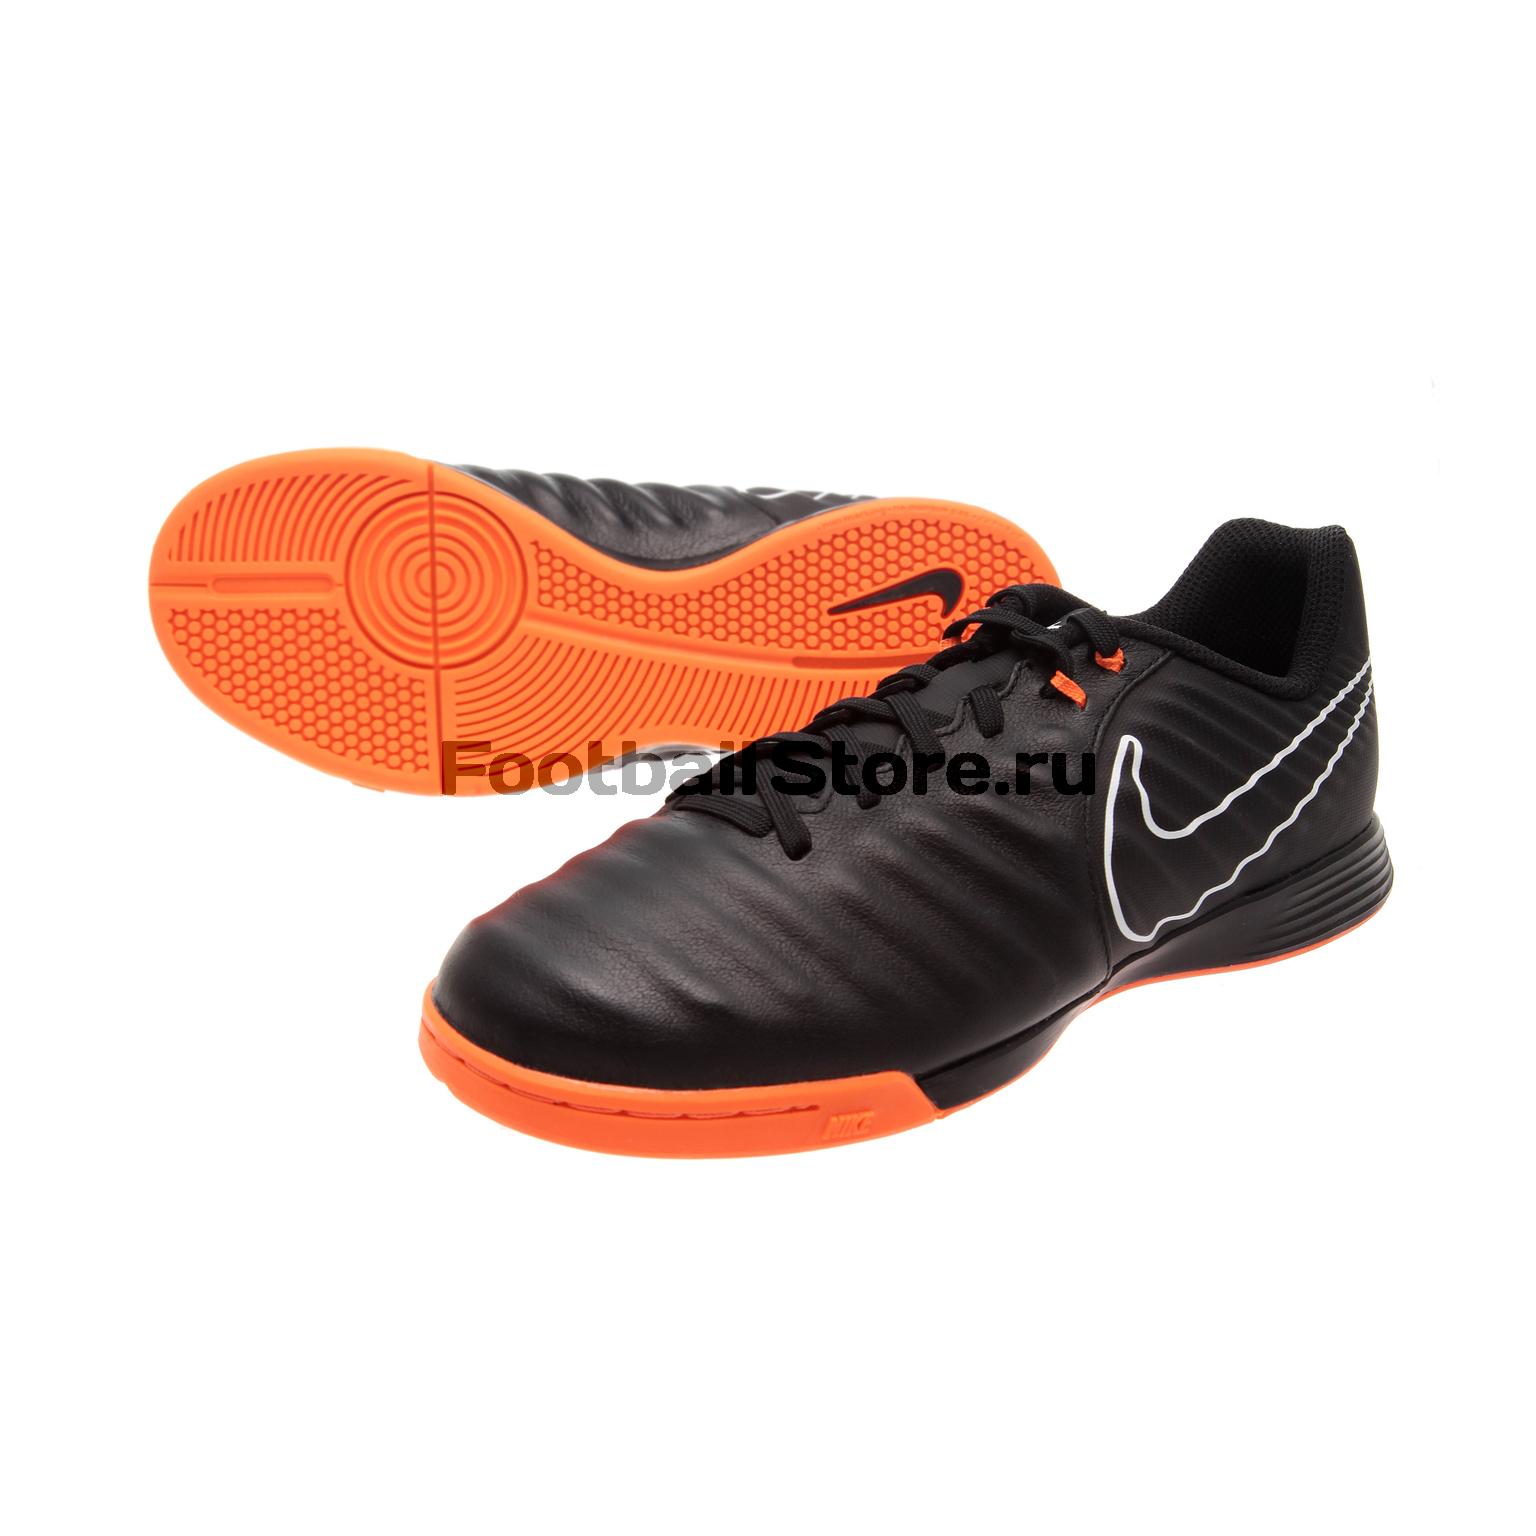 Обувь для зала Nike JR LegendX 7 Academy IC AH7257-080 бутсы nike jr obra 2 academy df fg ah7313 080